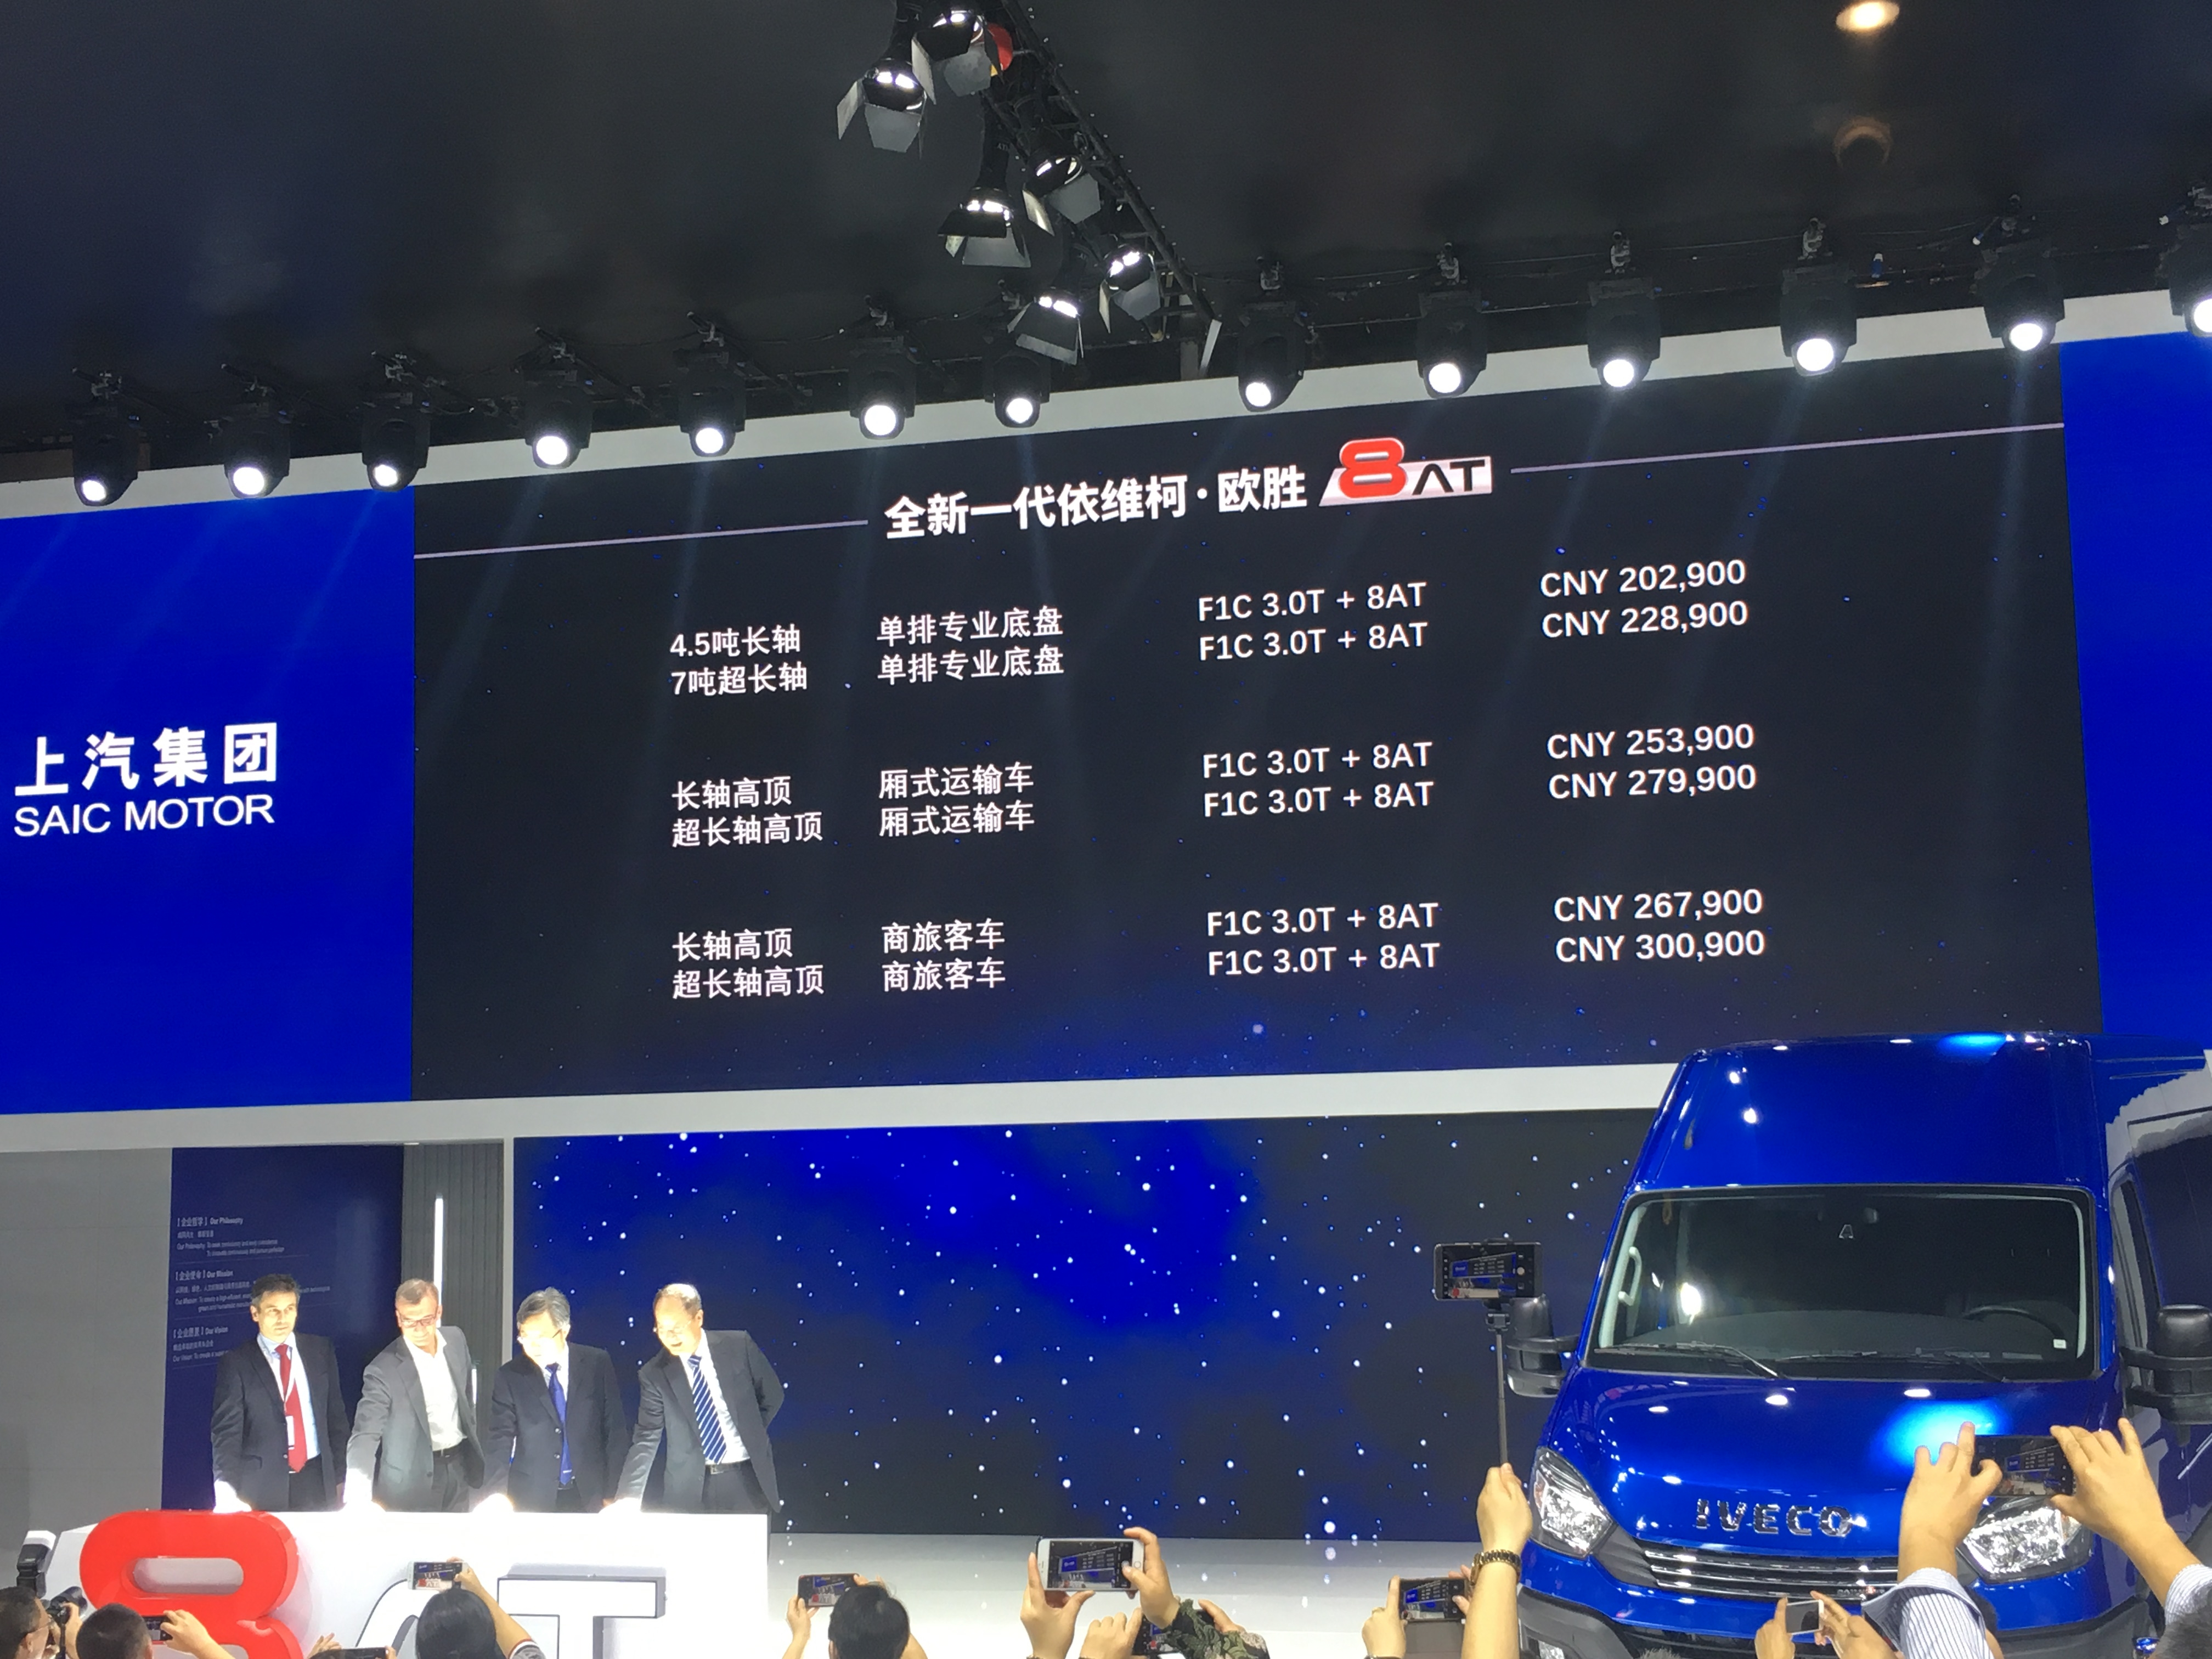 售价20.29万起 依维柯Daily推出8AT车型